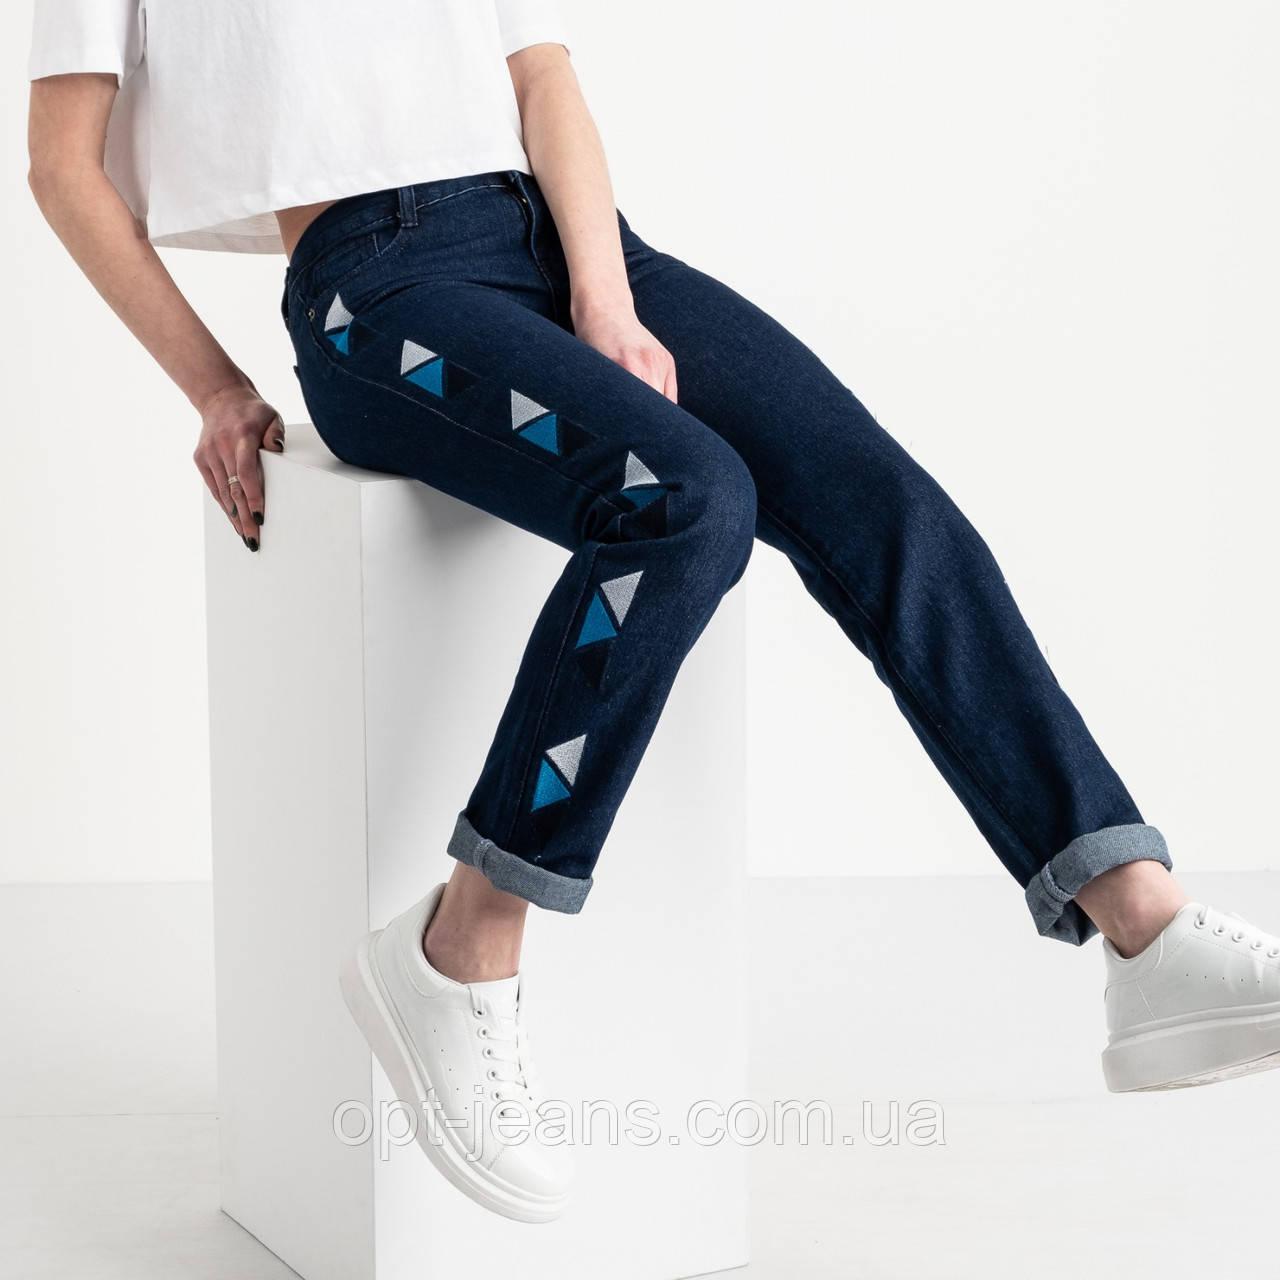 0055 Jushioumfiva джинсы женские синие котоновые ( 6 ед. размеры: 25.26.27.28.29.30)